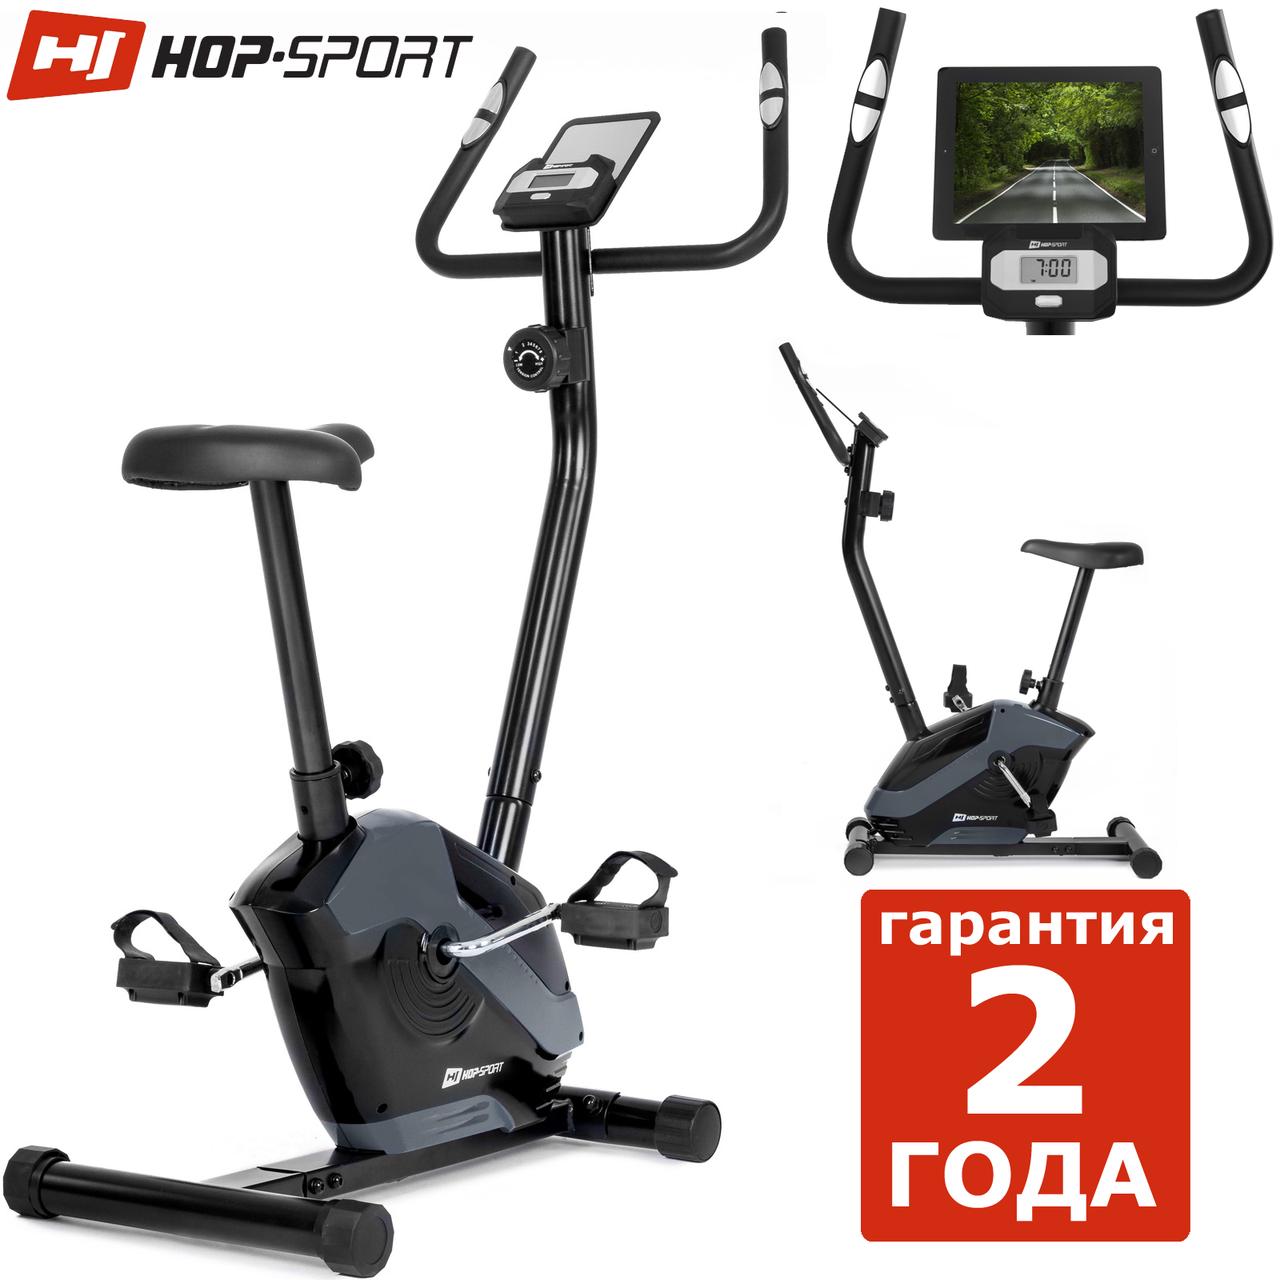 Hop-Sport / Напольный велотренажер HS-045H Eos grey